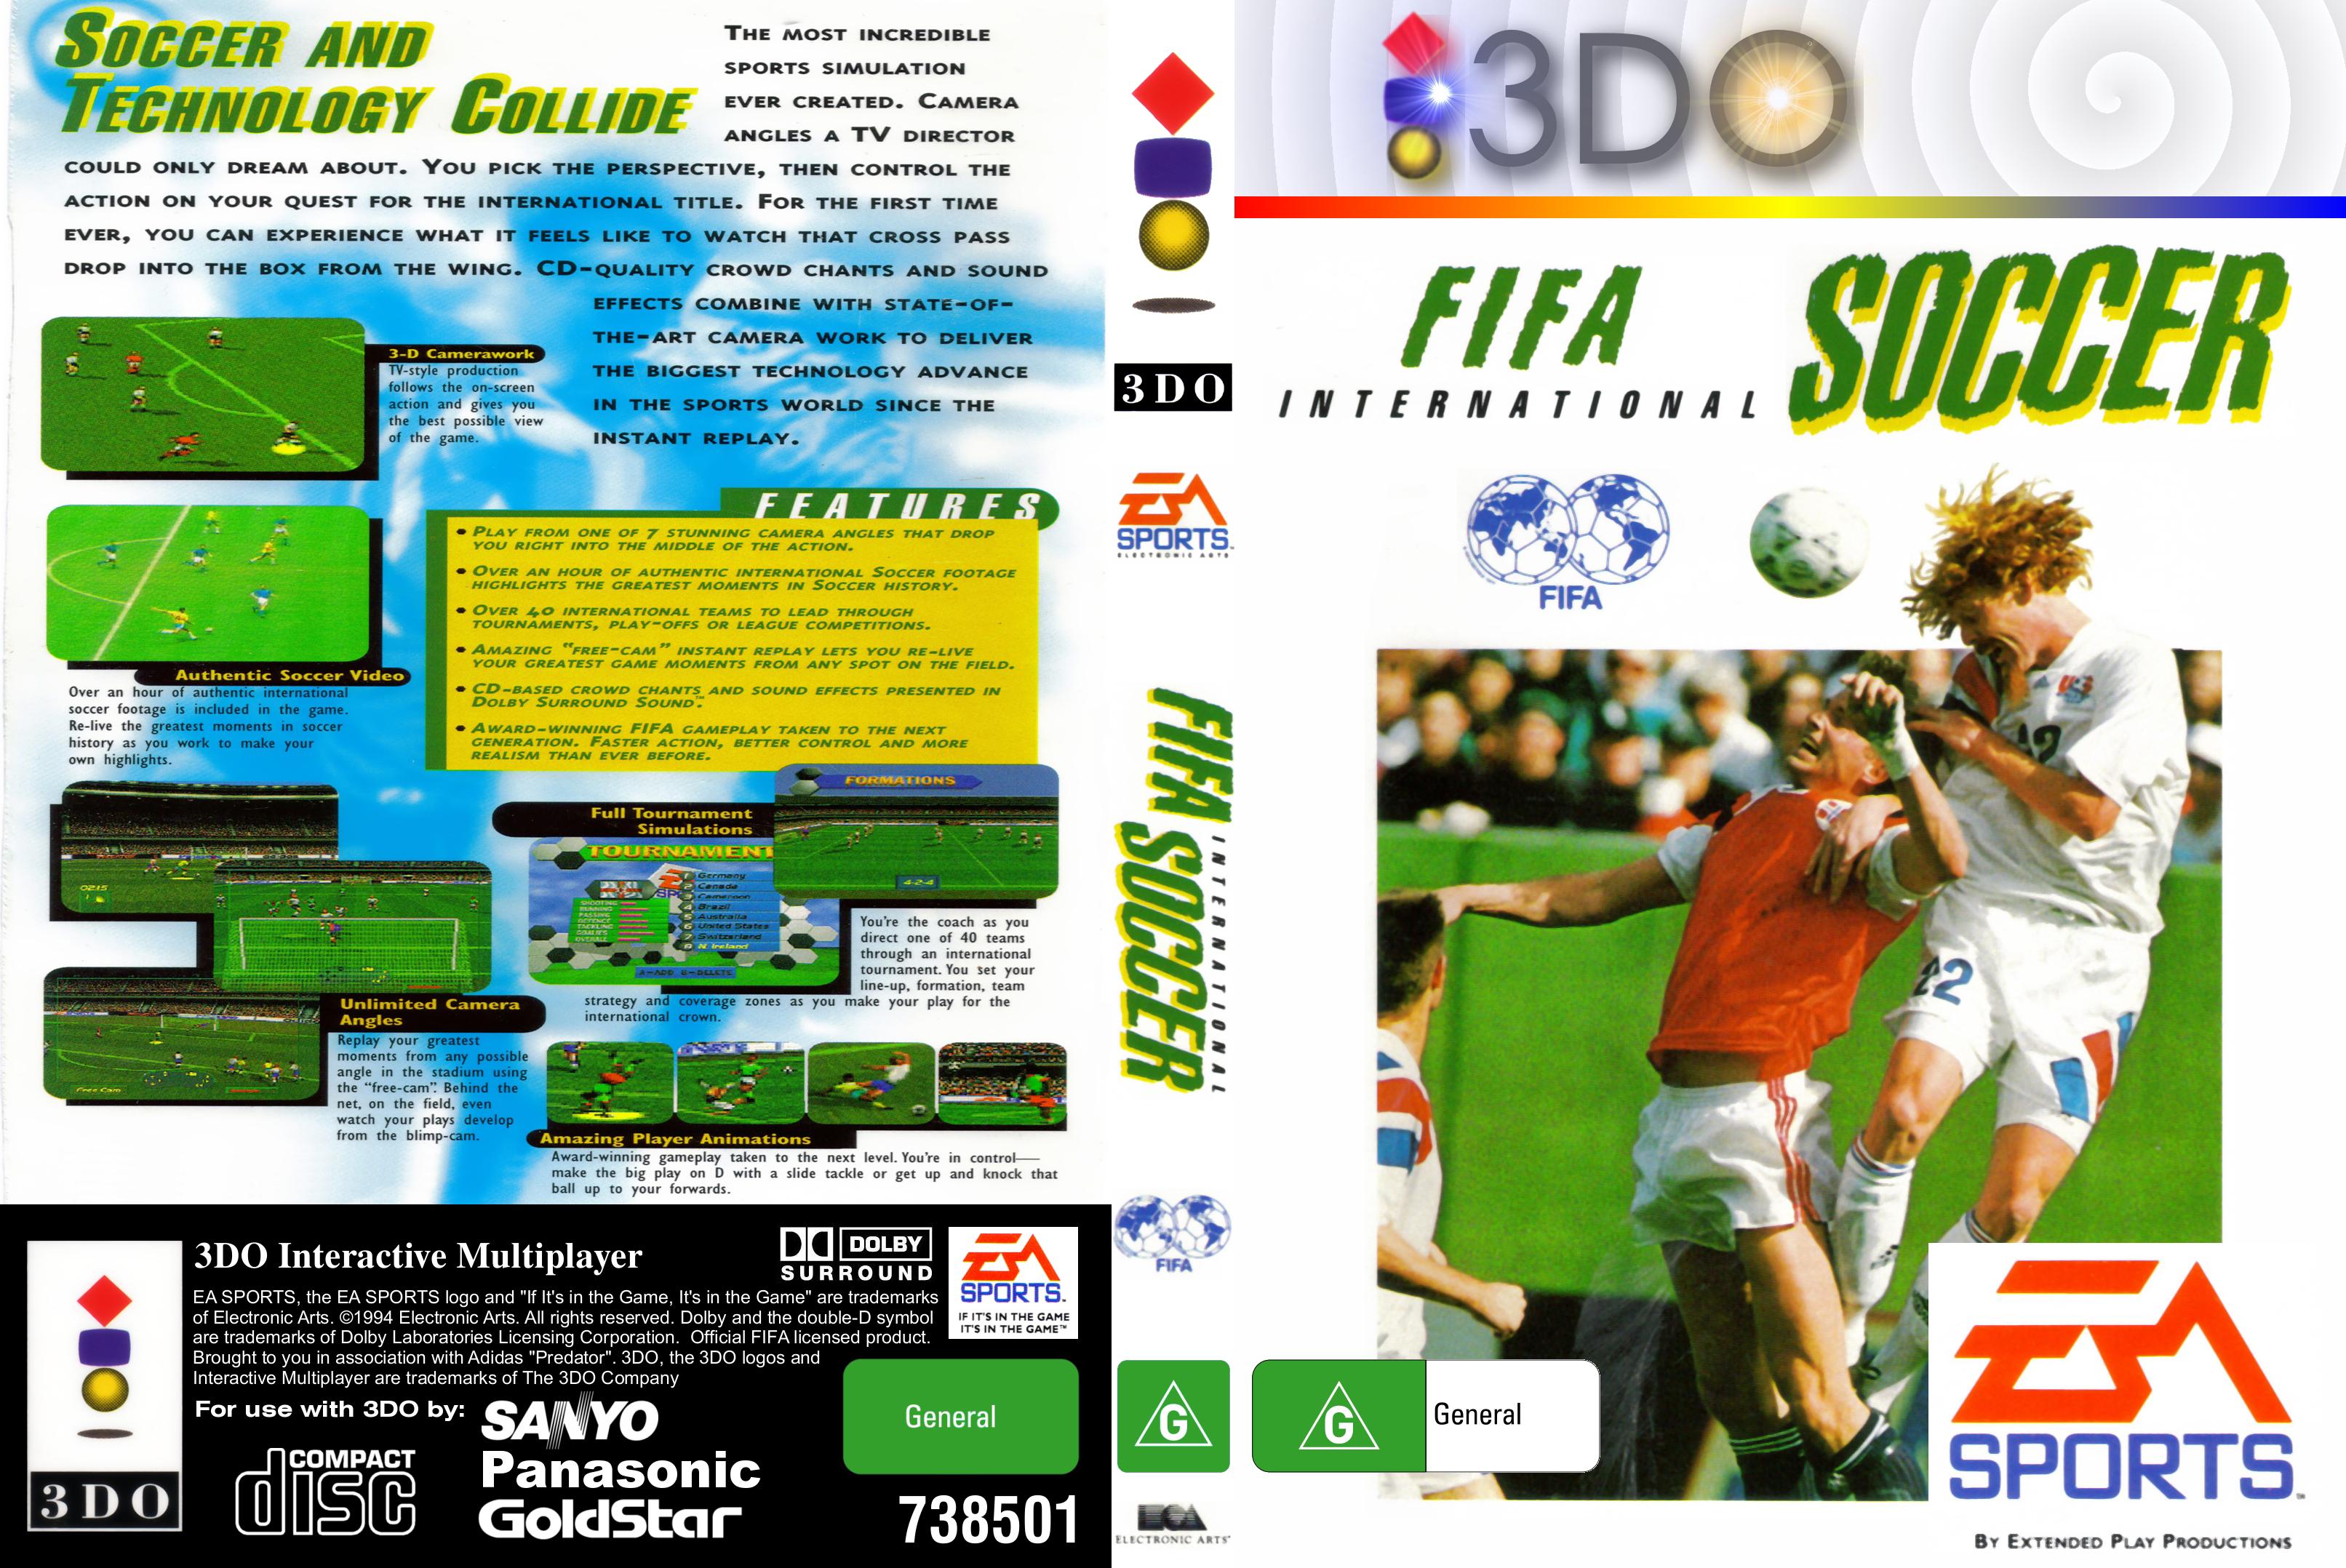 Fifa 95 Cover Fifa international soccer.jpg